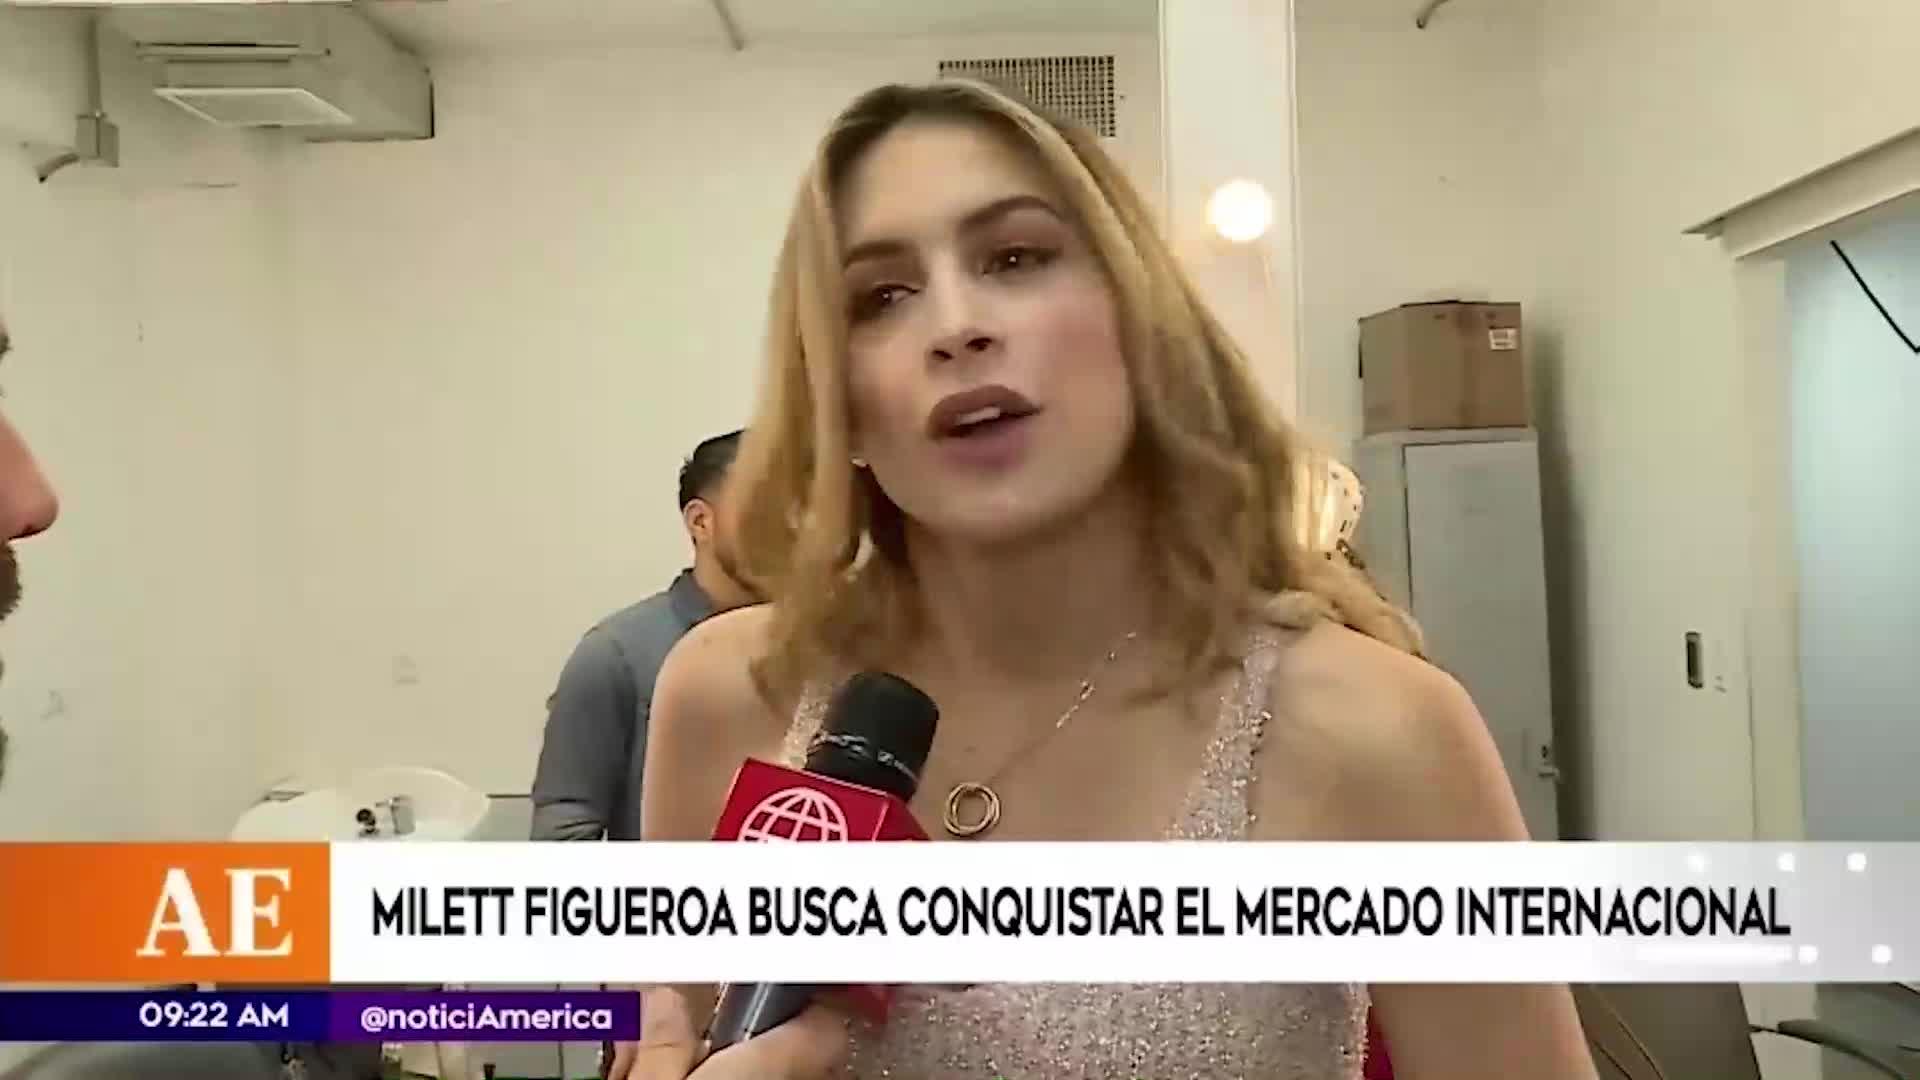 Milett Figueroa busca conquistar el mercado internacional